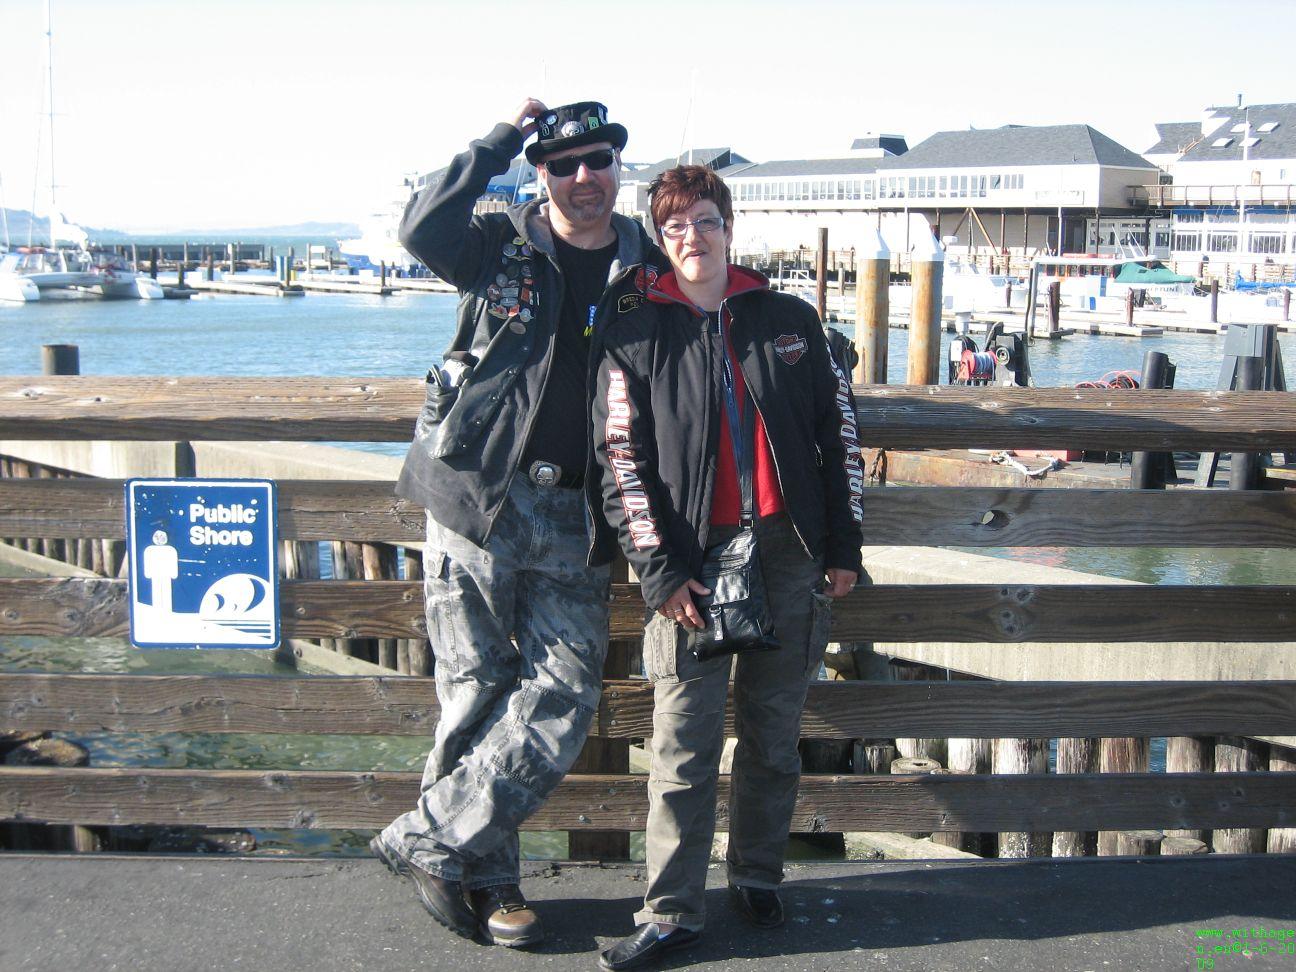 Leuk stel wat op Fishermans Wharf rondliep